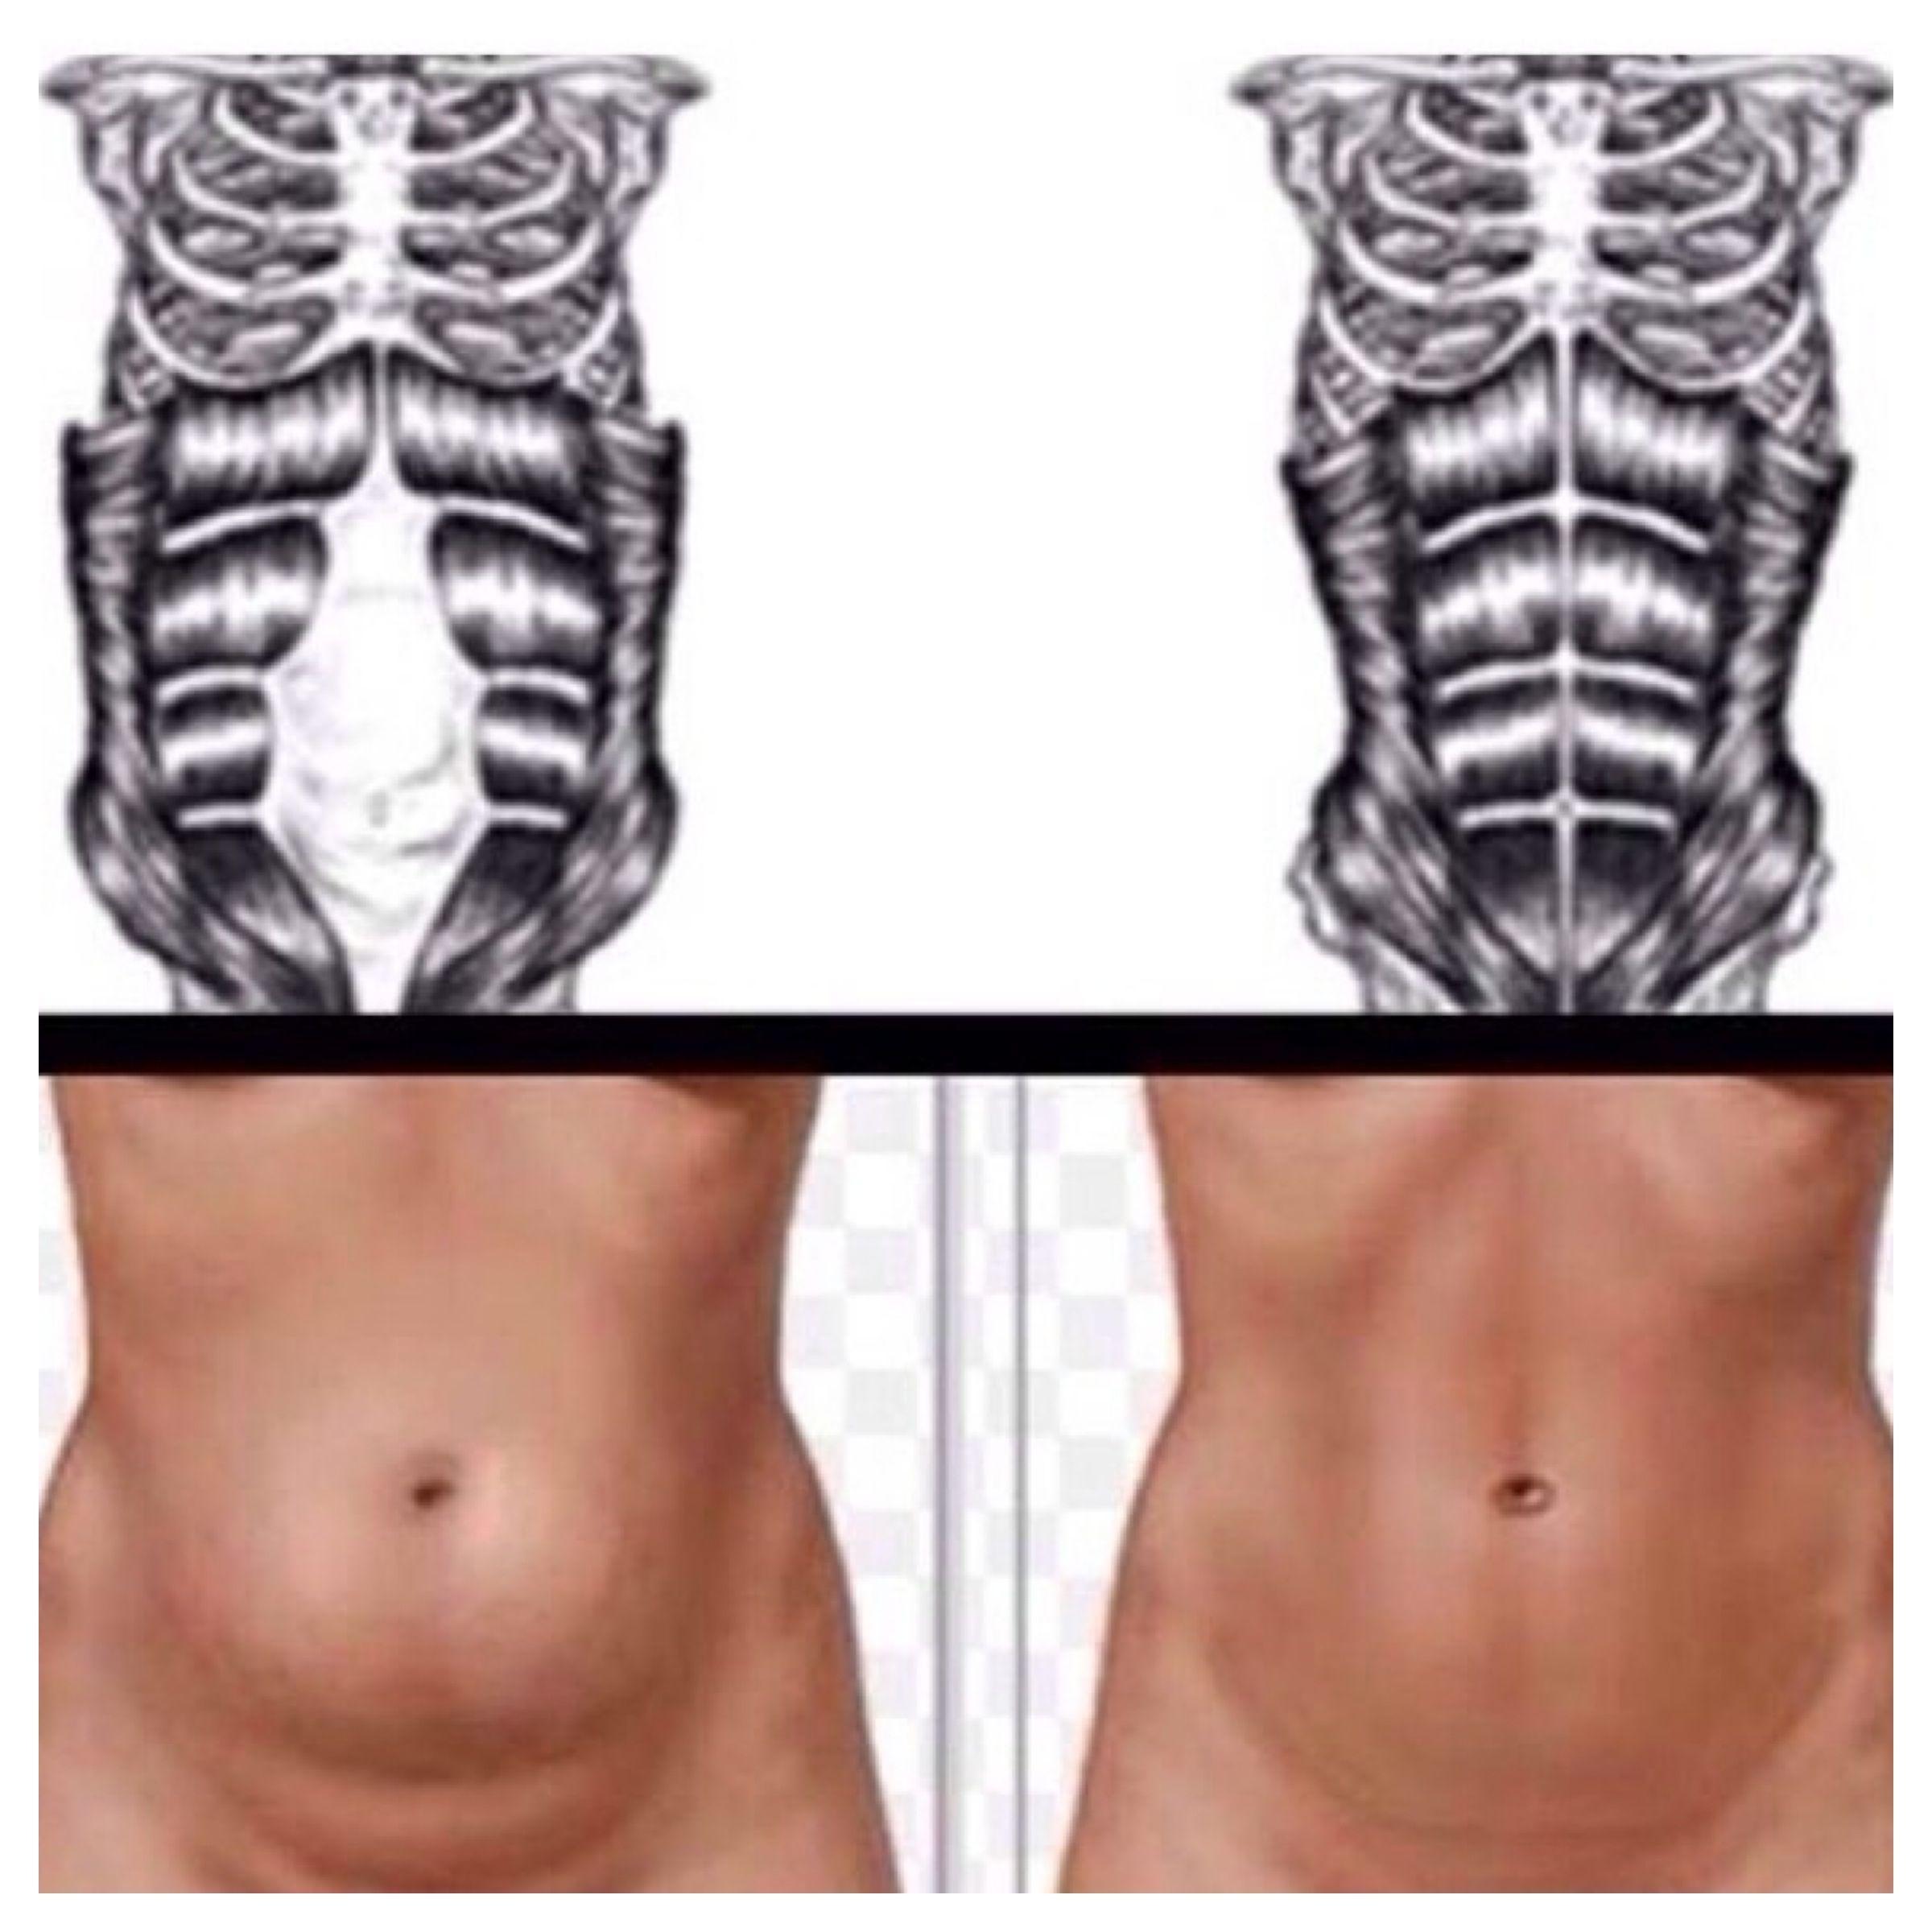 Exercises for diastasis recti 1 exercise abs pinterest exercises for diastasis recti 1 after pregnancy ccuart Gallery